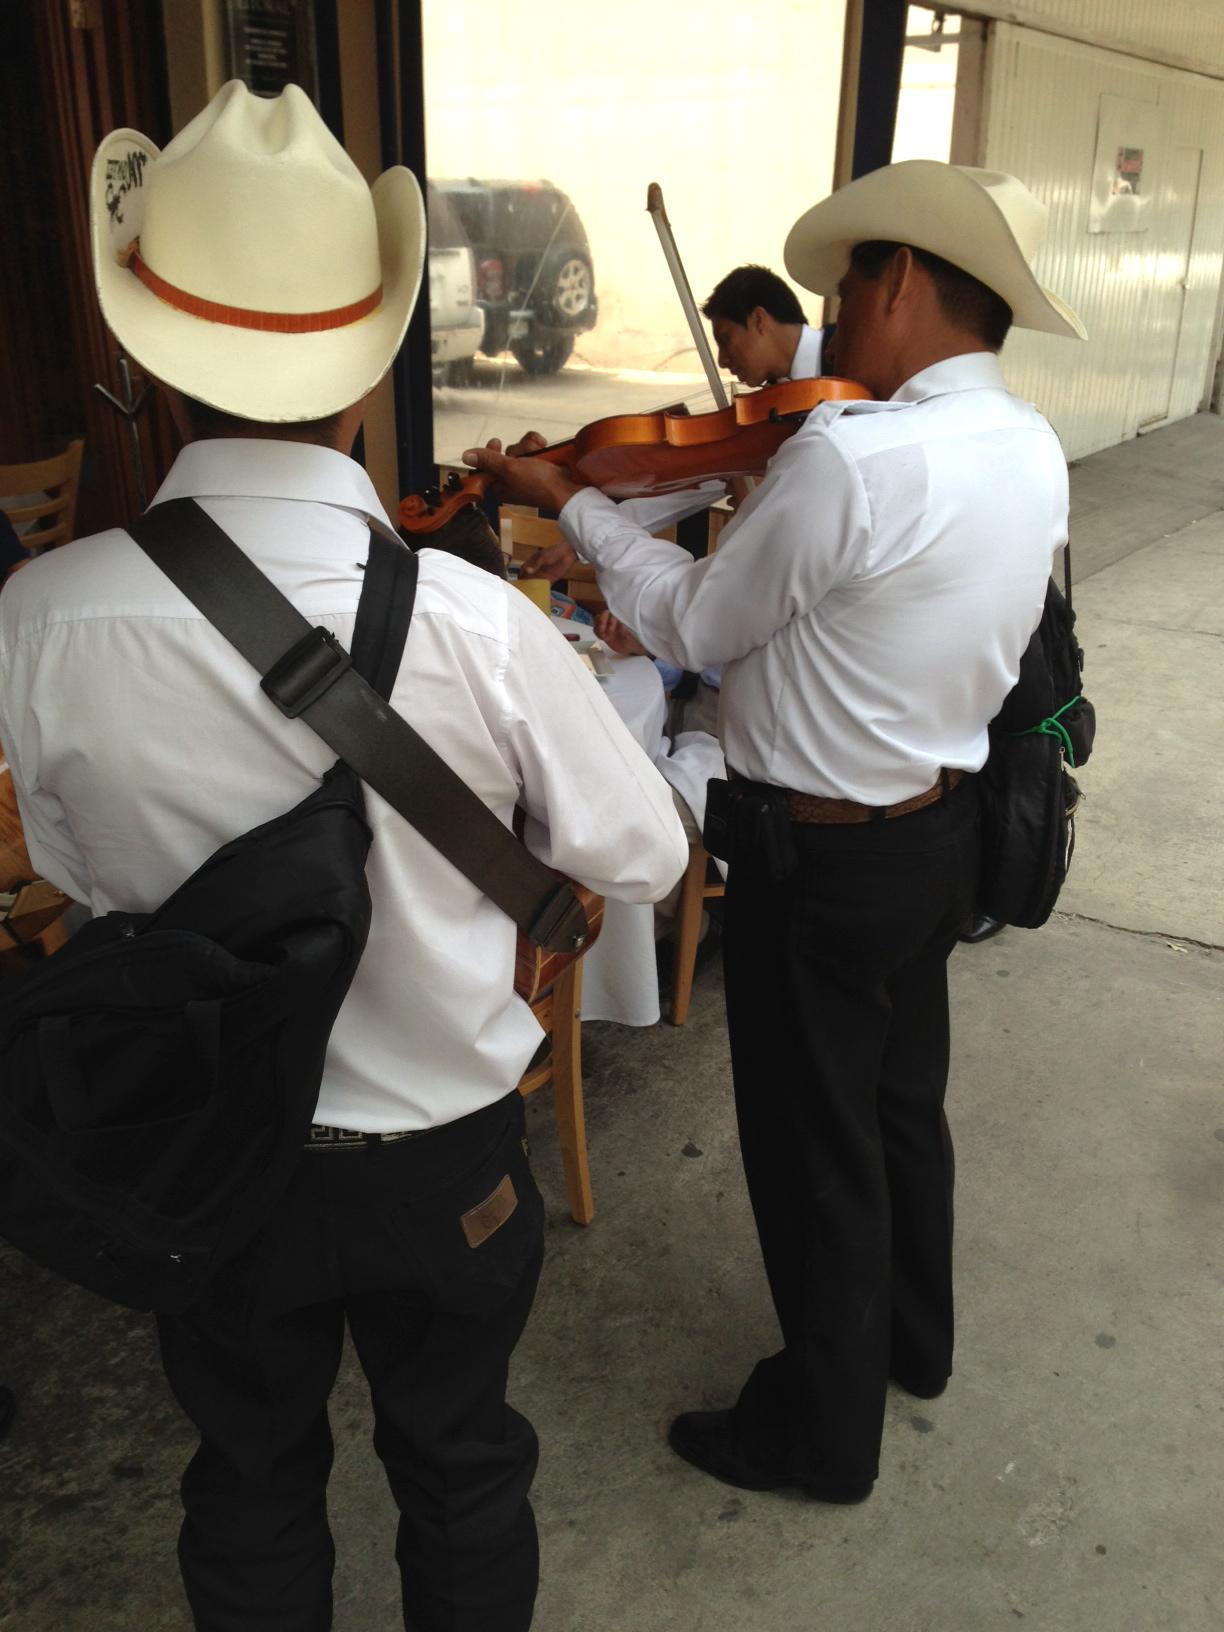 White-Cabana-Mexico-City-Troy-6